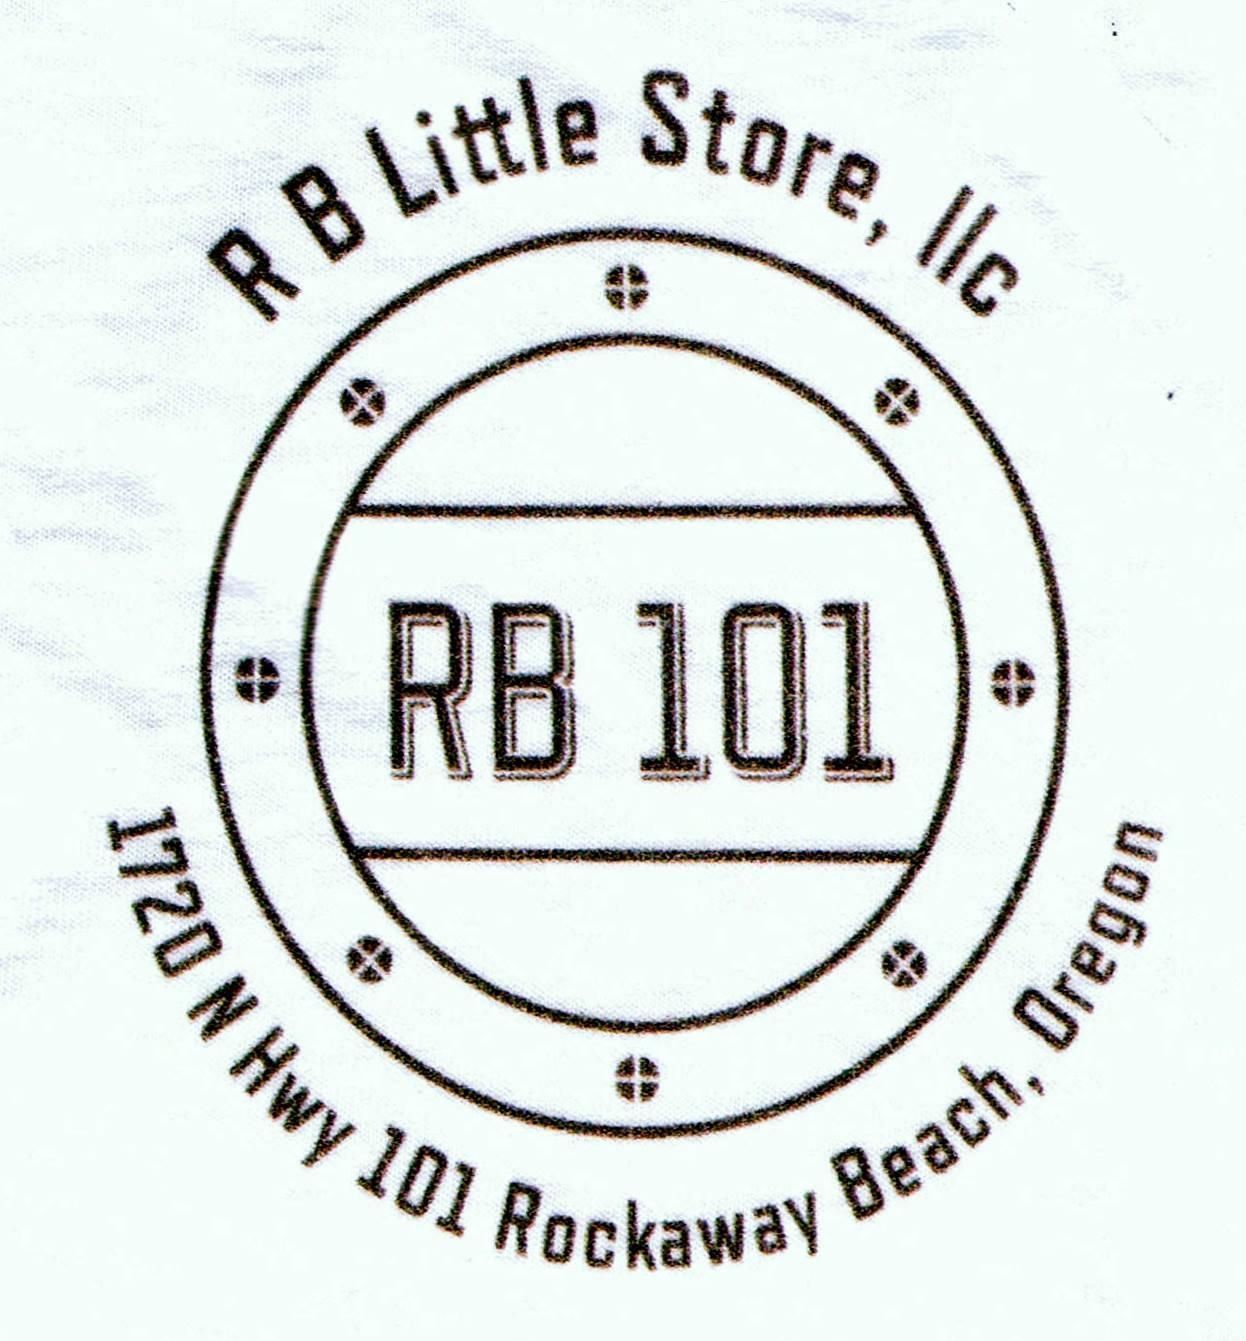 R. B. Little Store, Rockaway Beach, Oregon